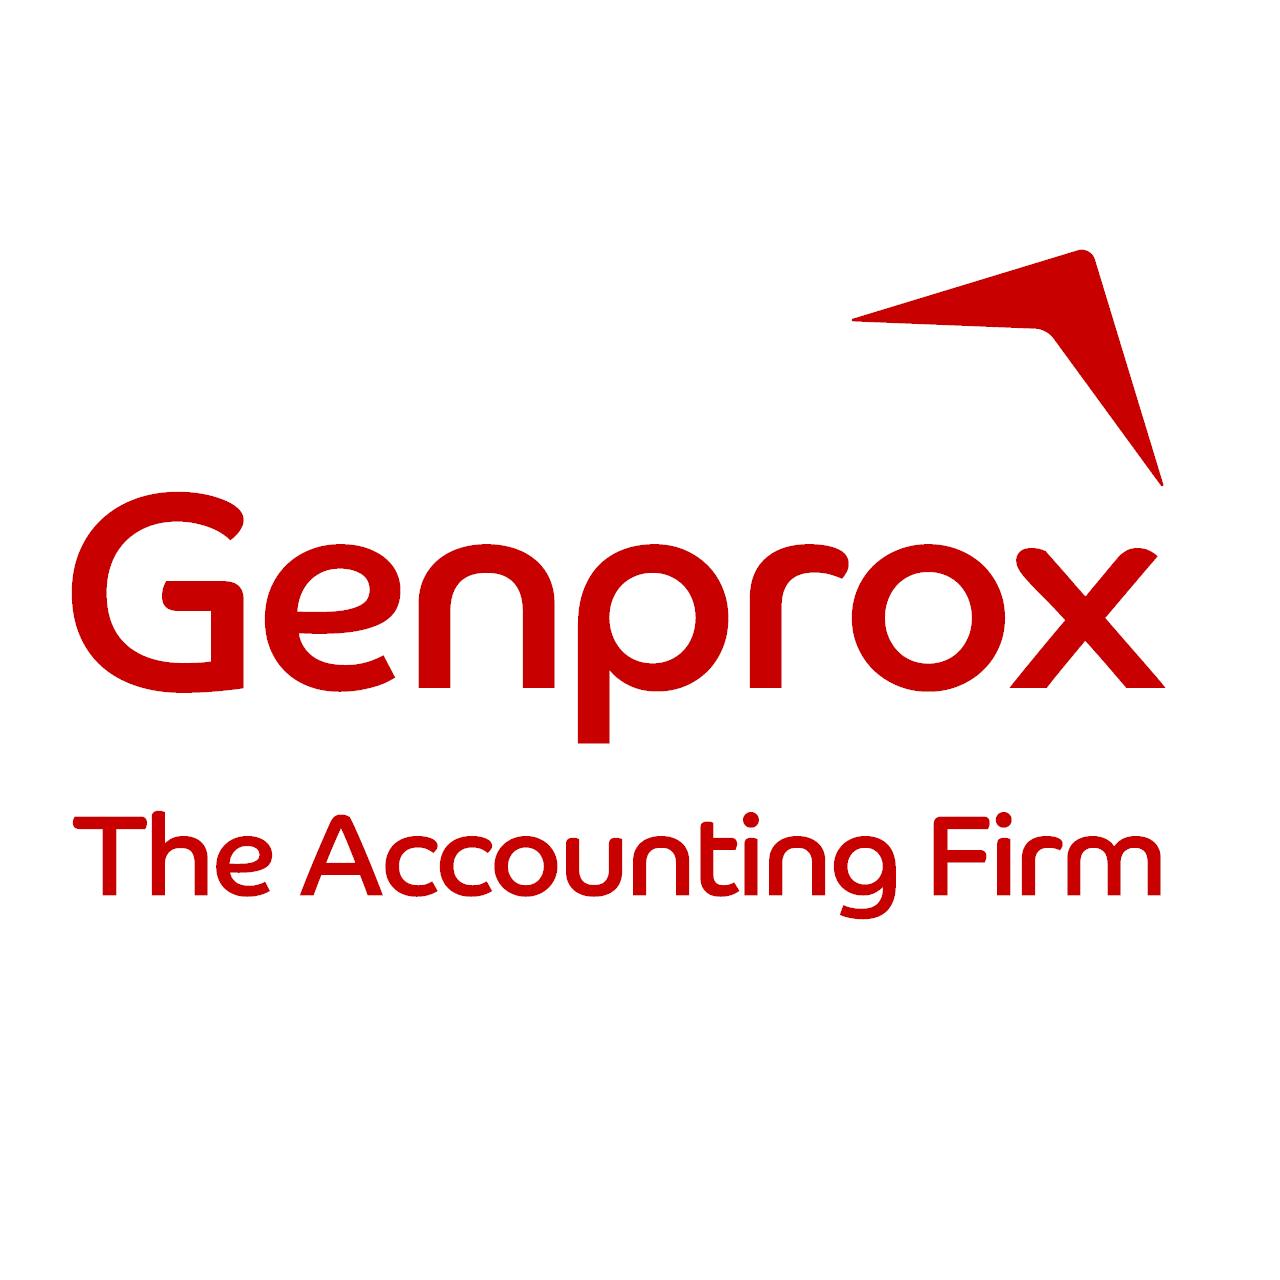 Genprox